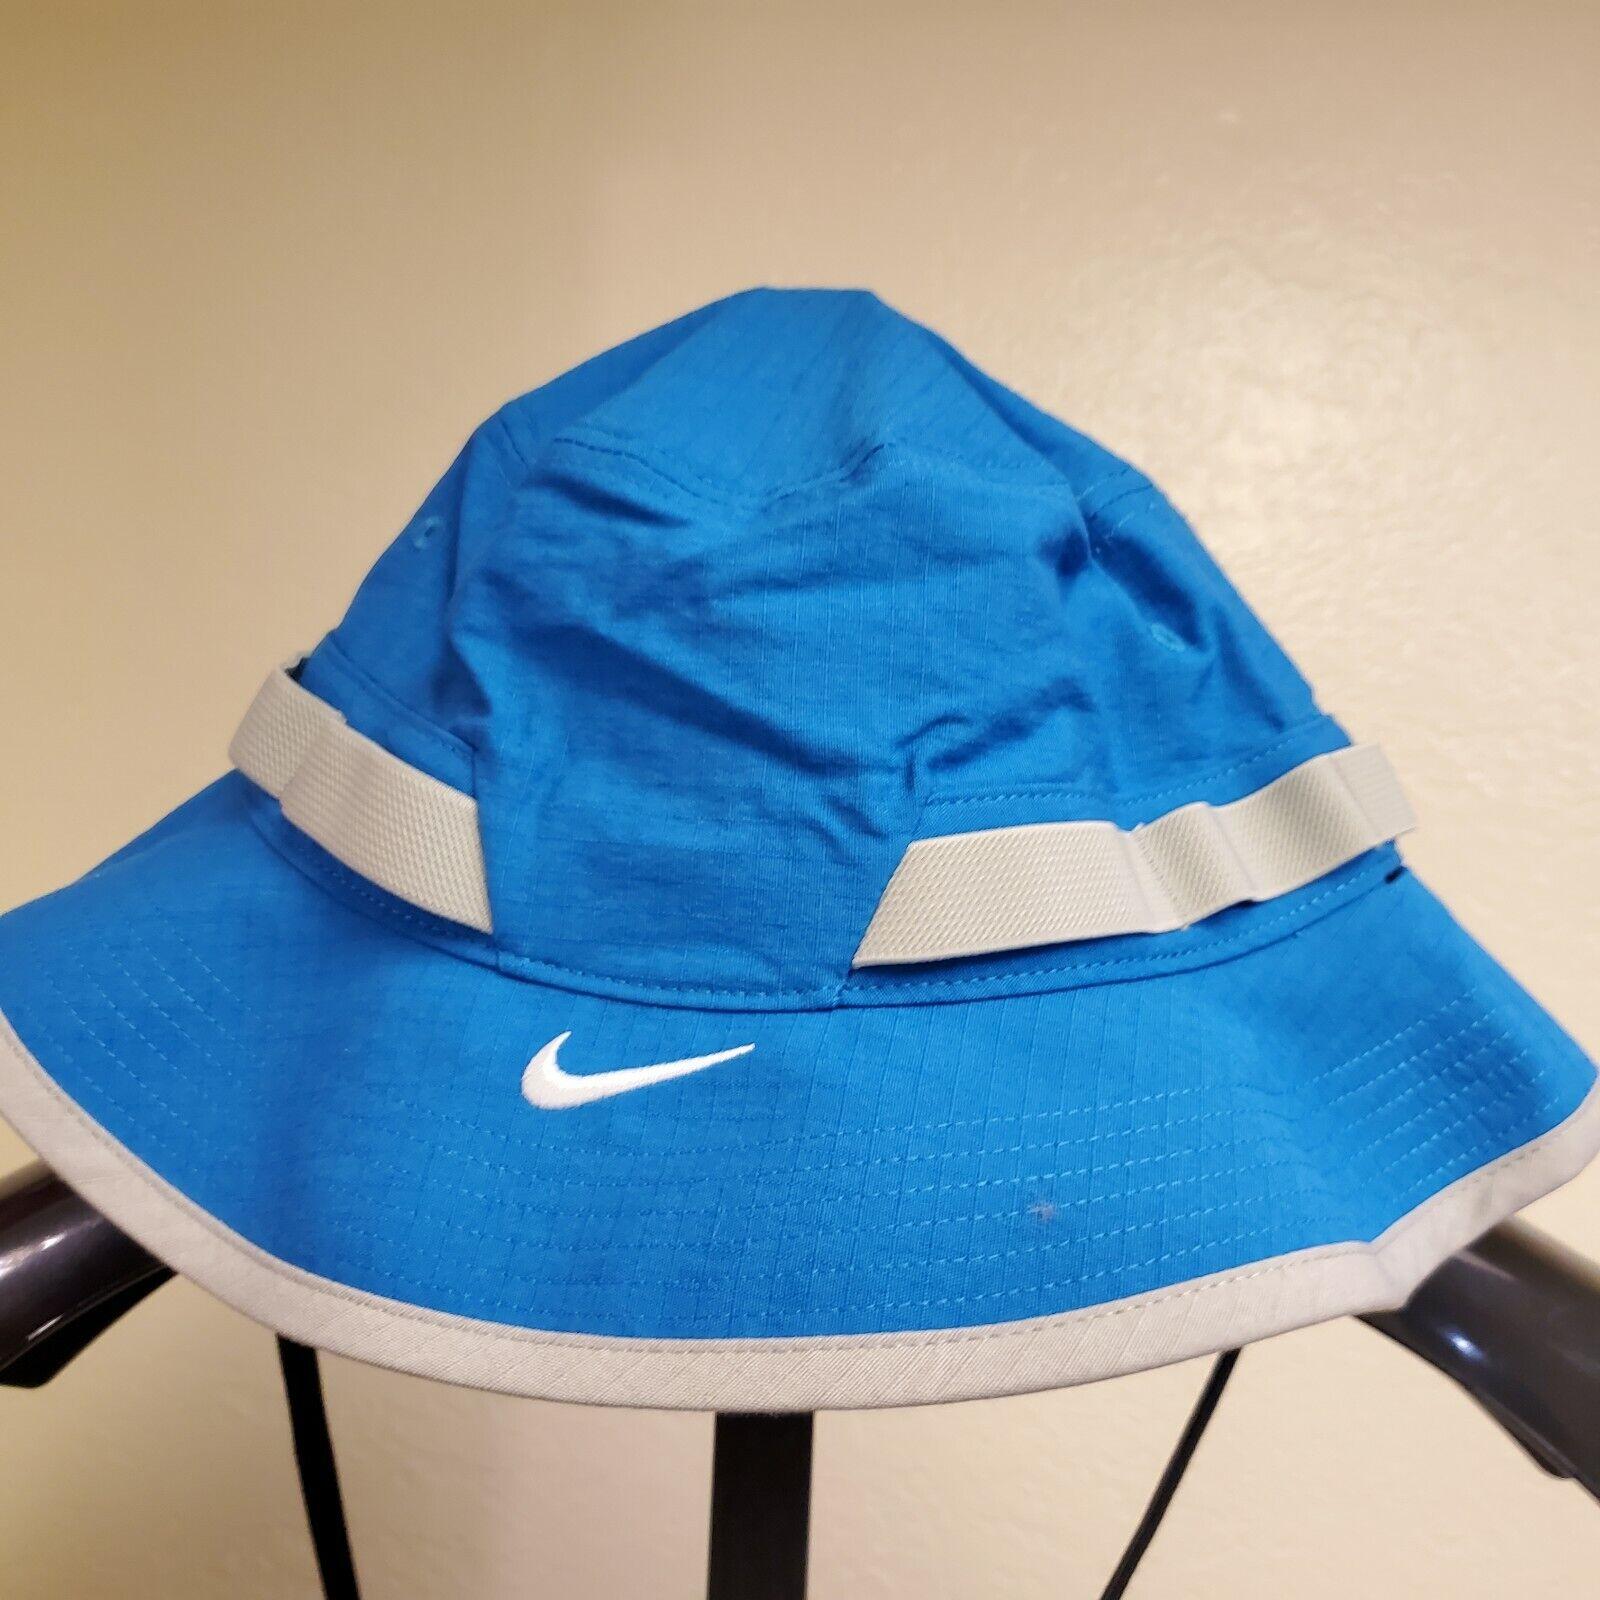 ! nuevo con etiquetas! Nike Dri-Fit equipo Aero Azul seco sombrero del cubo CU6611-400   Tamaño Grande